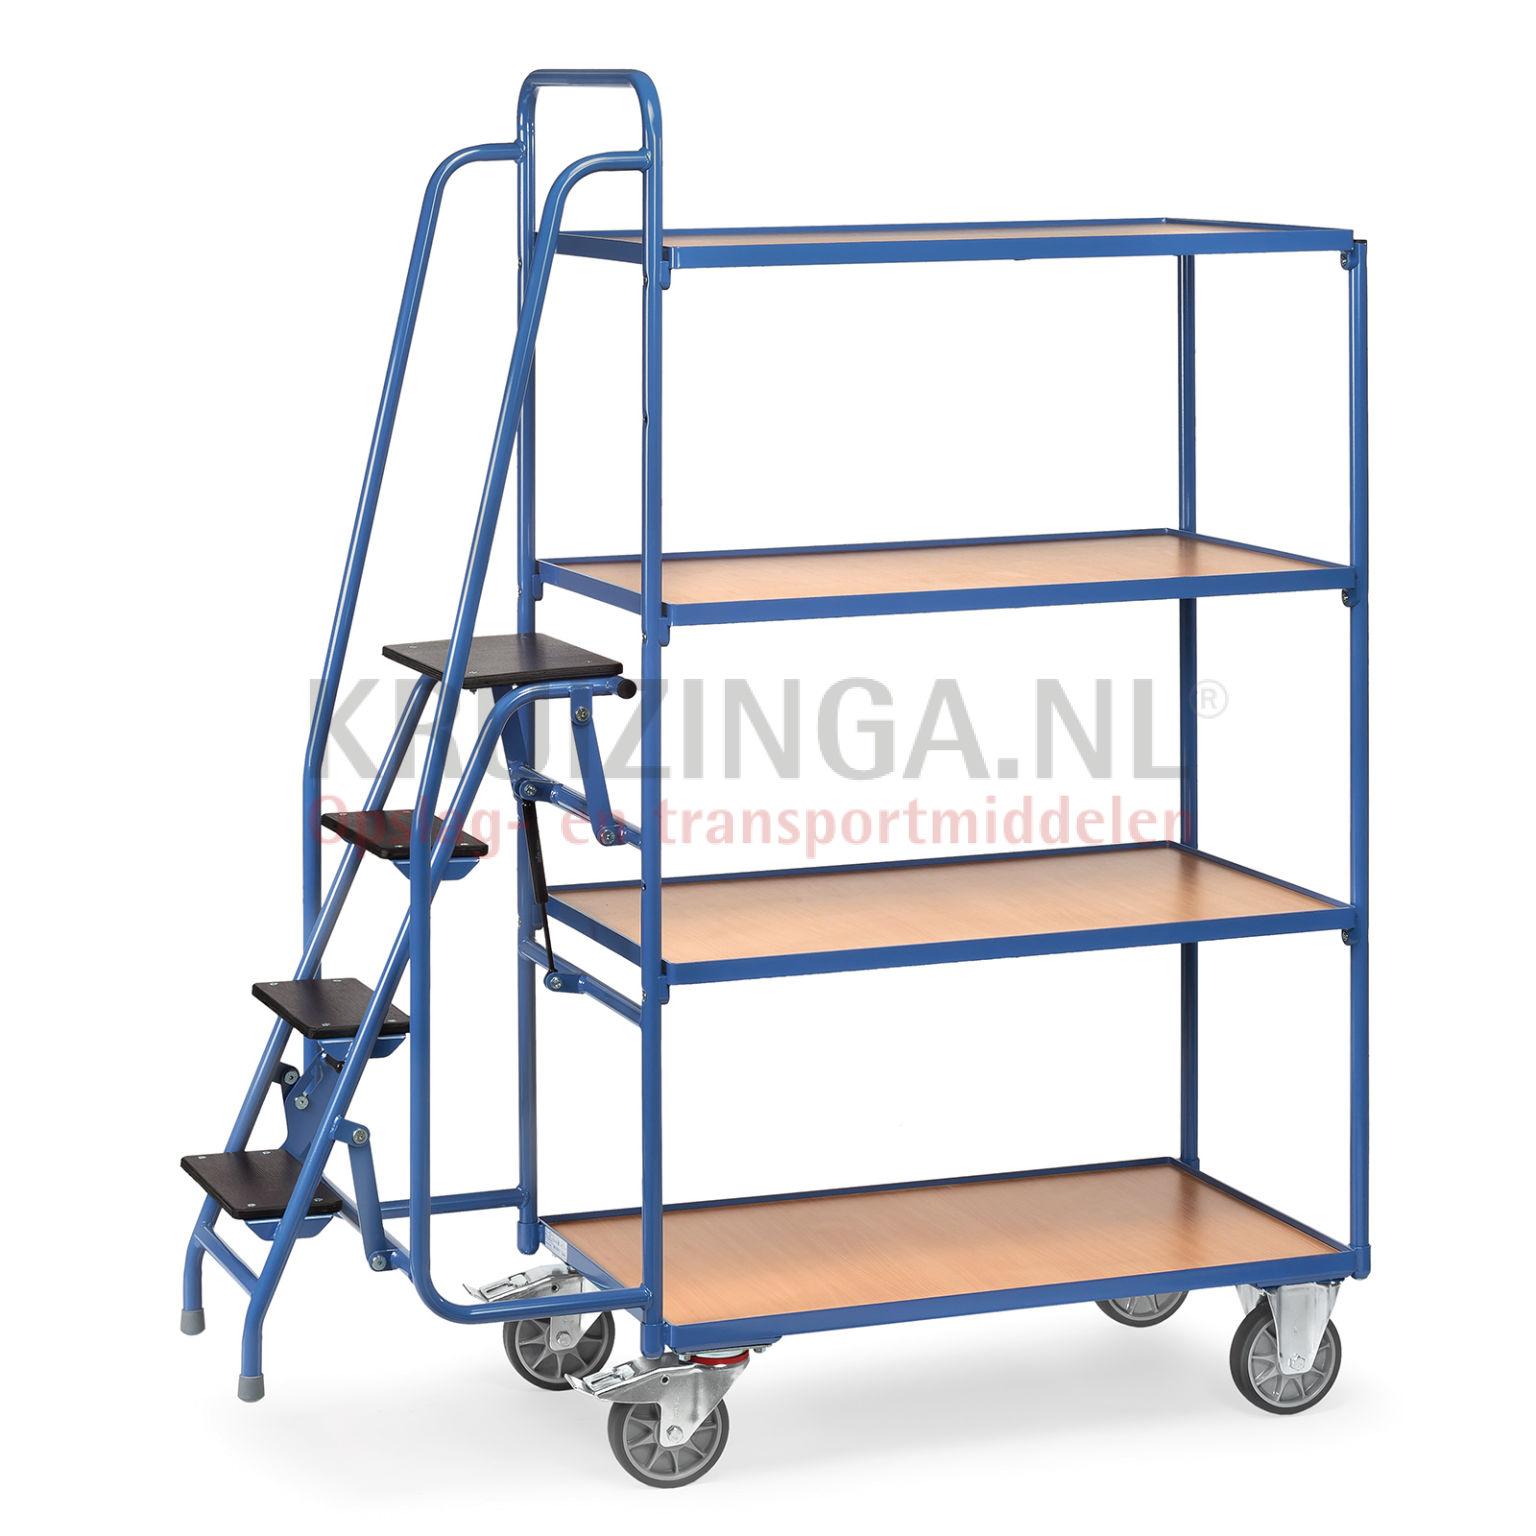 etagenwagen rollwagen kommissionierwagen mit trittstufen anklappbar 649 50 frei haus. Black Bedroom Furniture Sets. Home Design Ideas